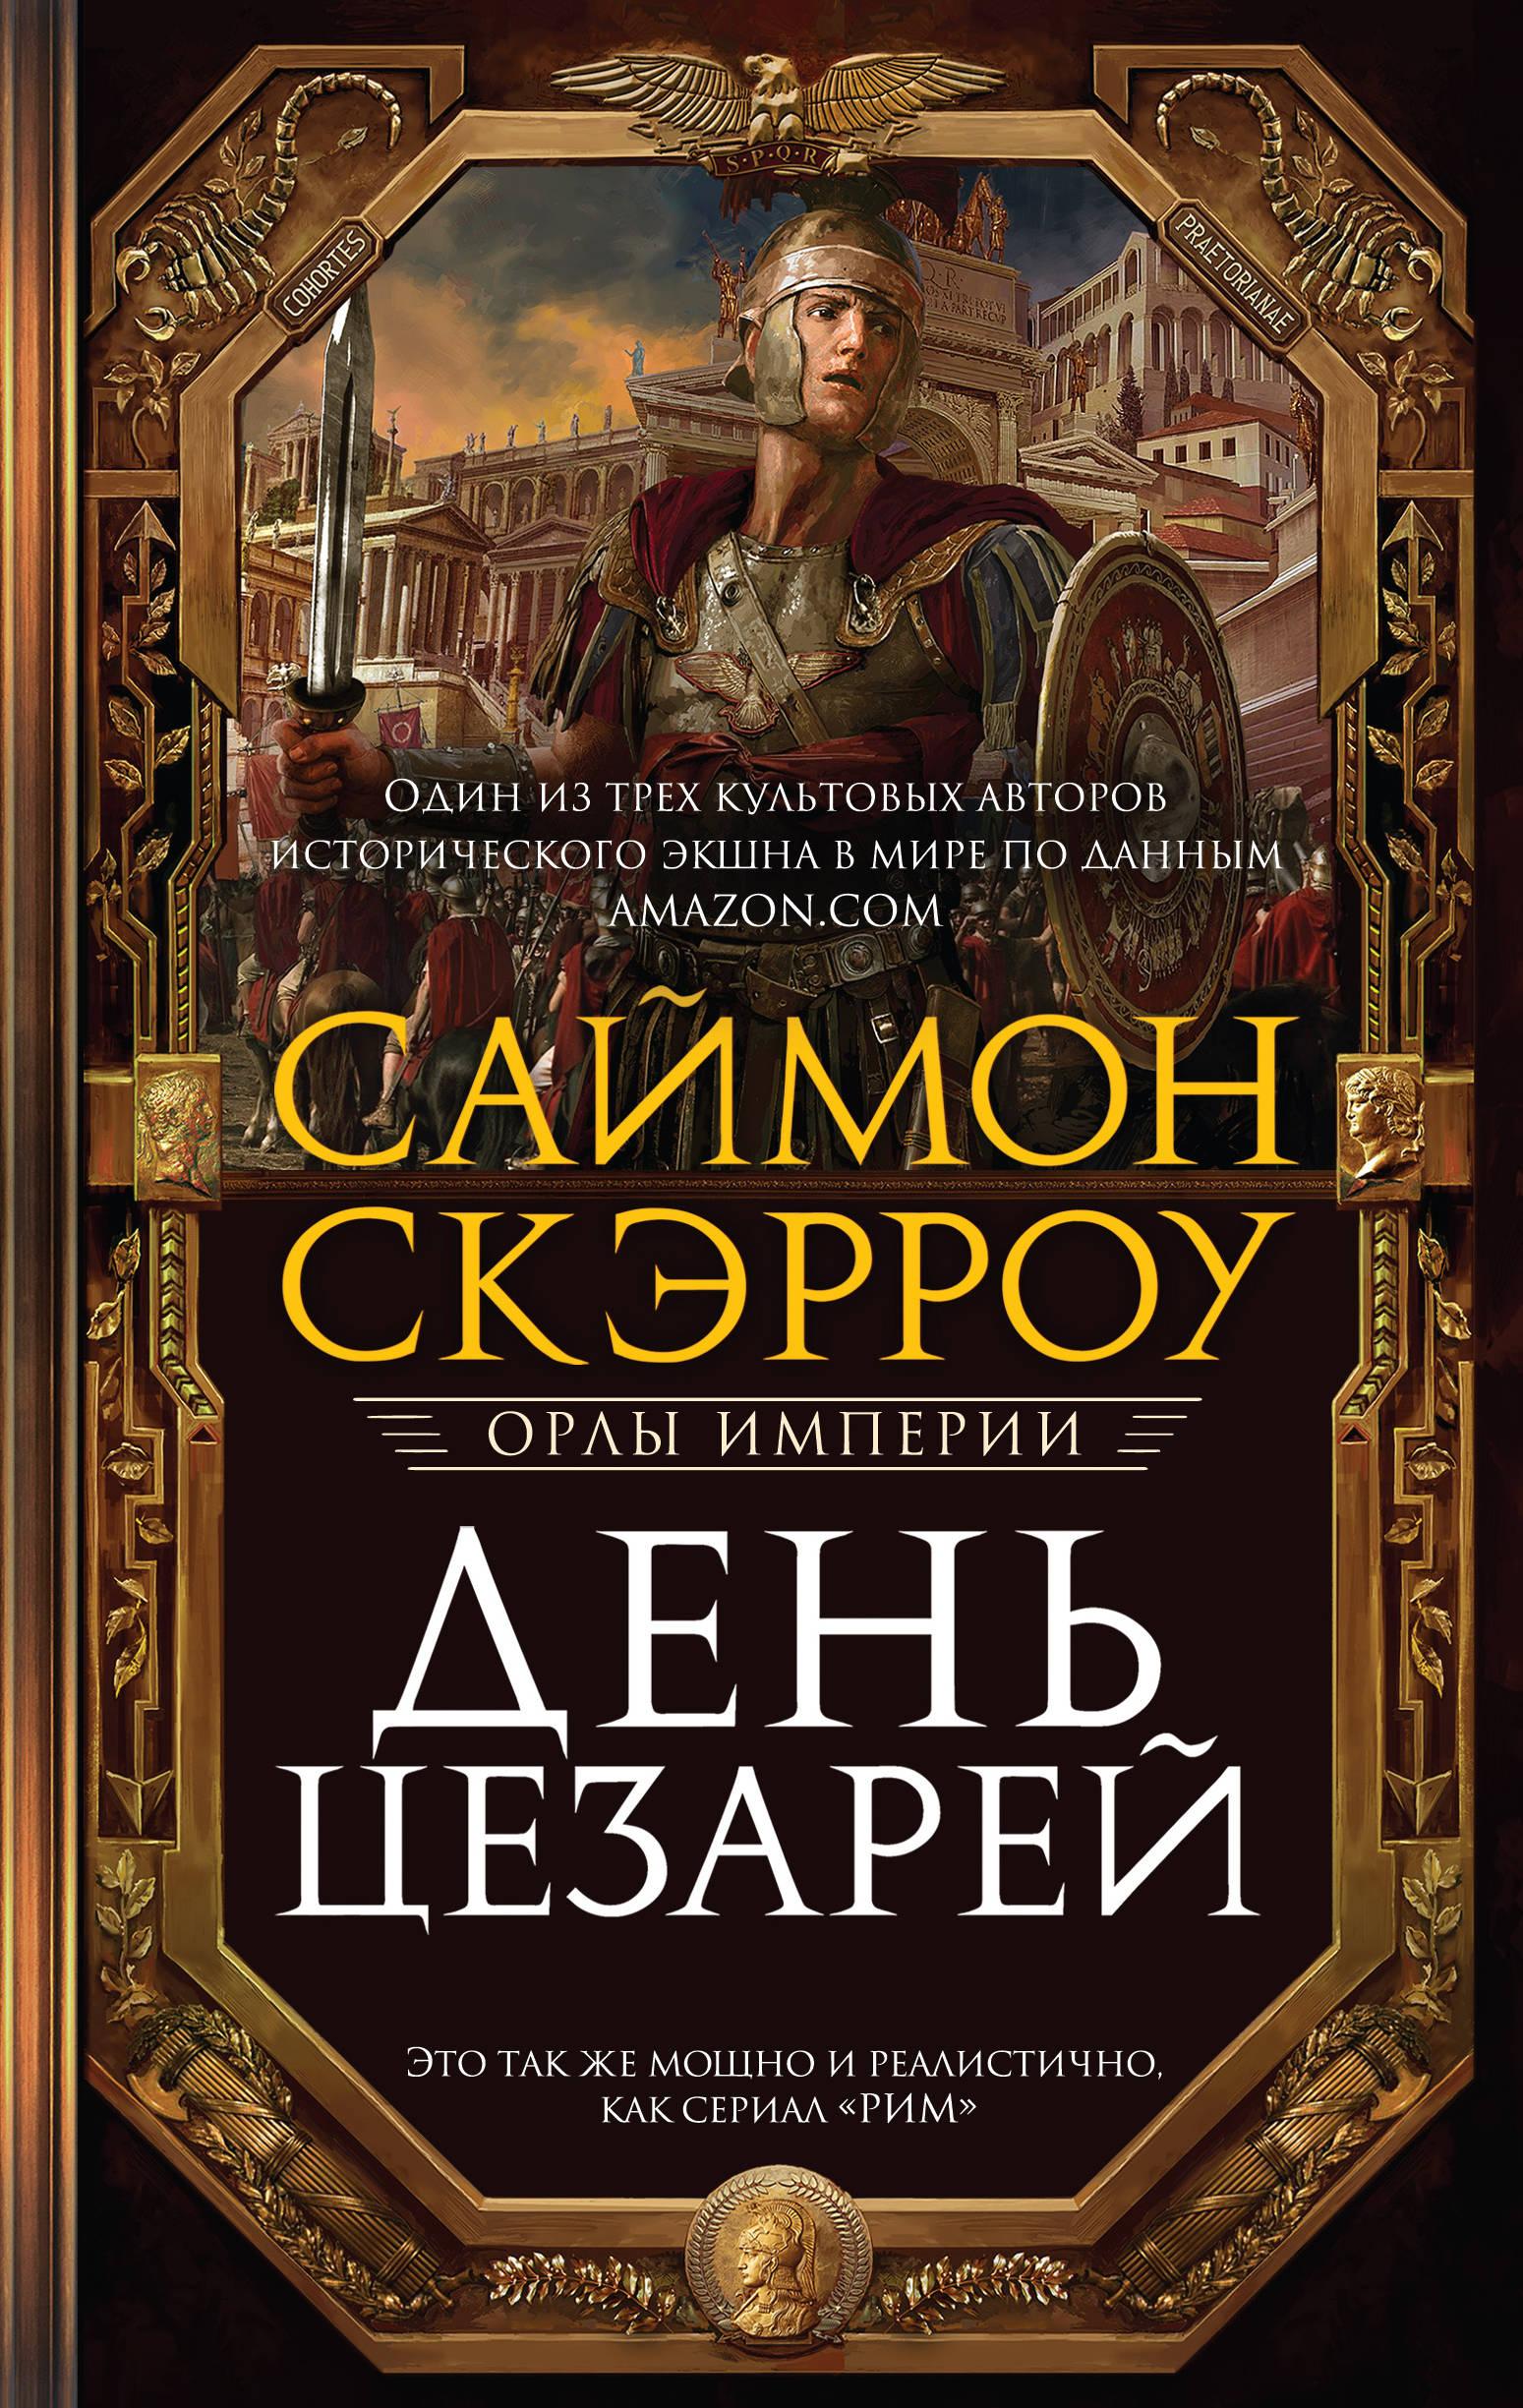 Саймон Скэрроу «День цезарей»